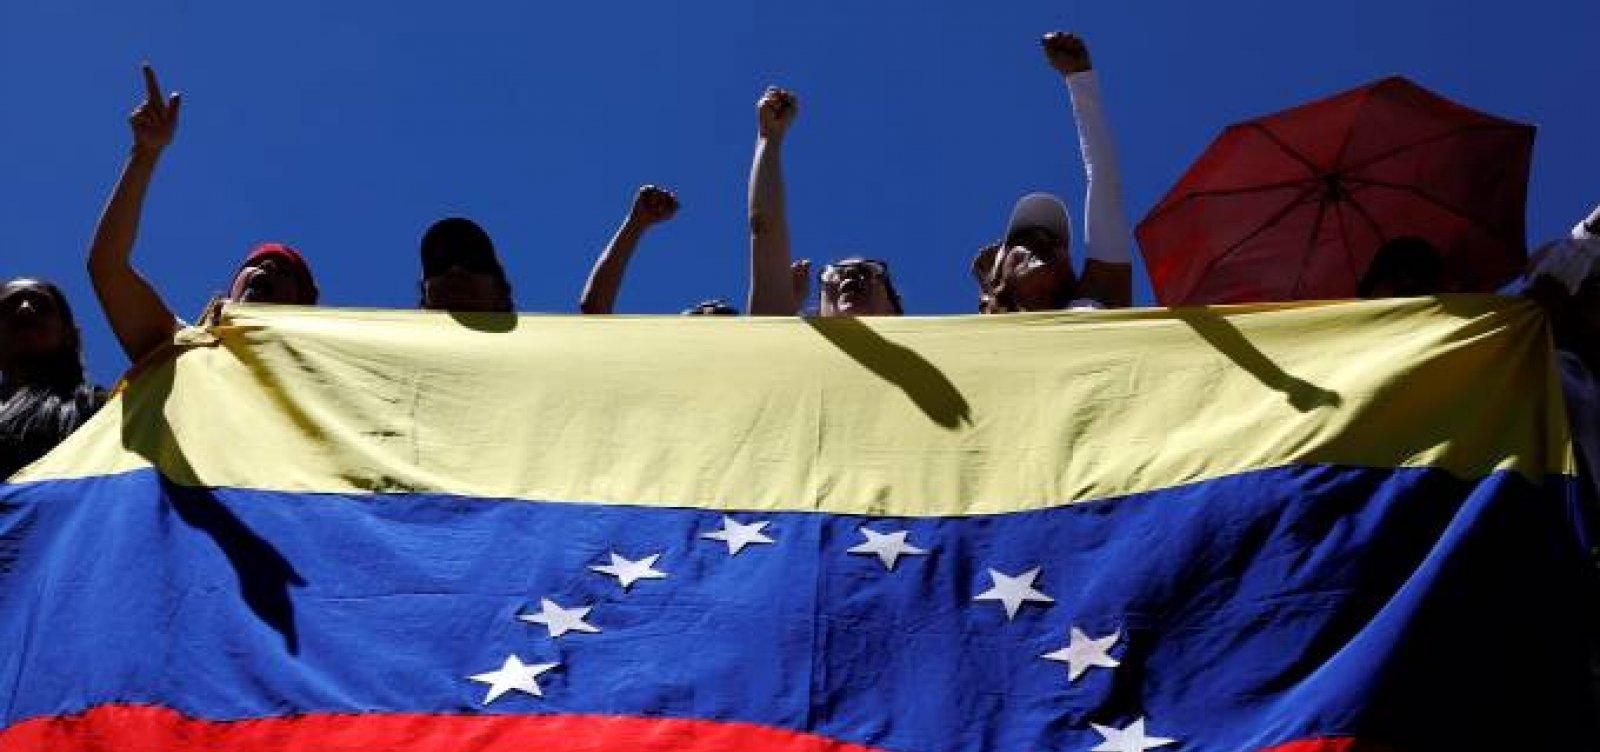 Ajuda do FMI e BM à Venezuela depende que membros decidam entre Guaidó e Maduro